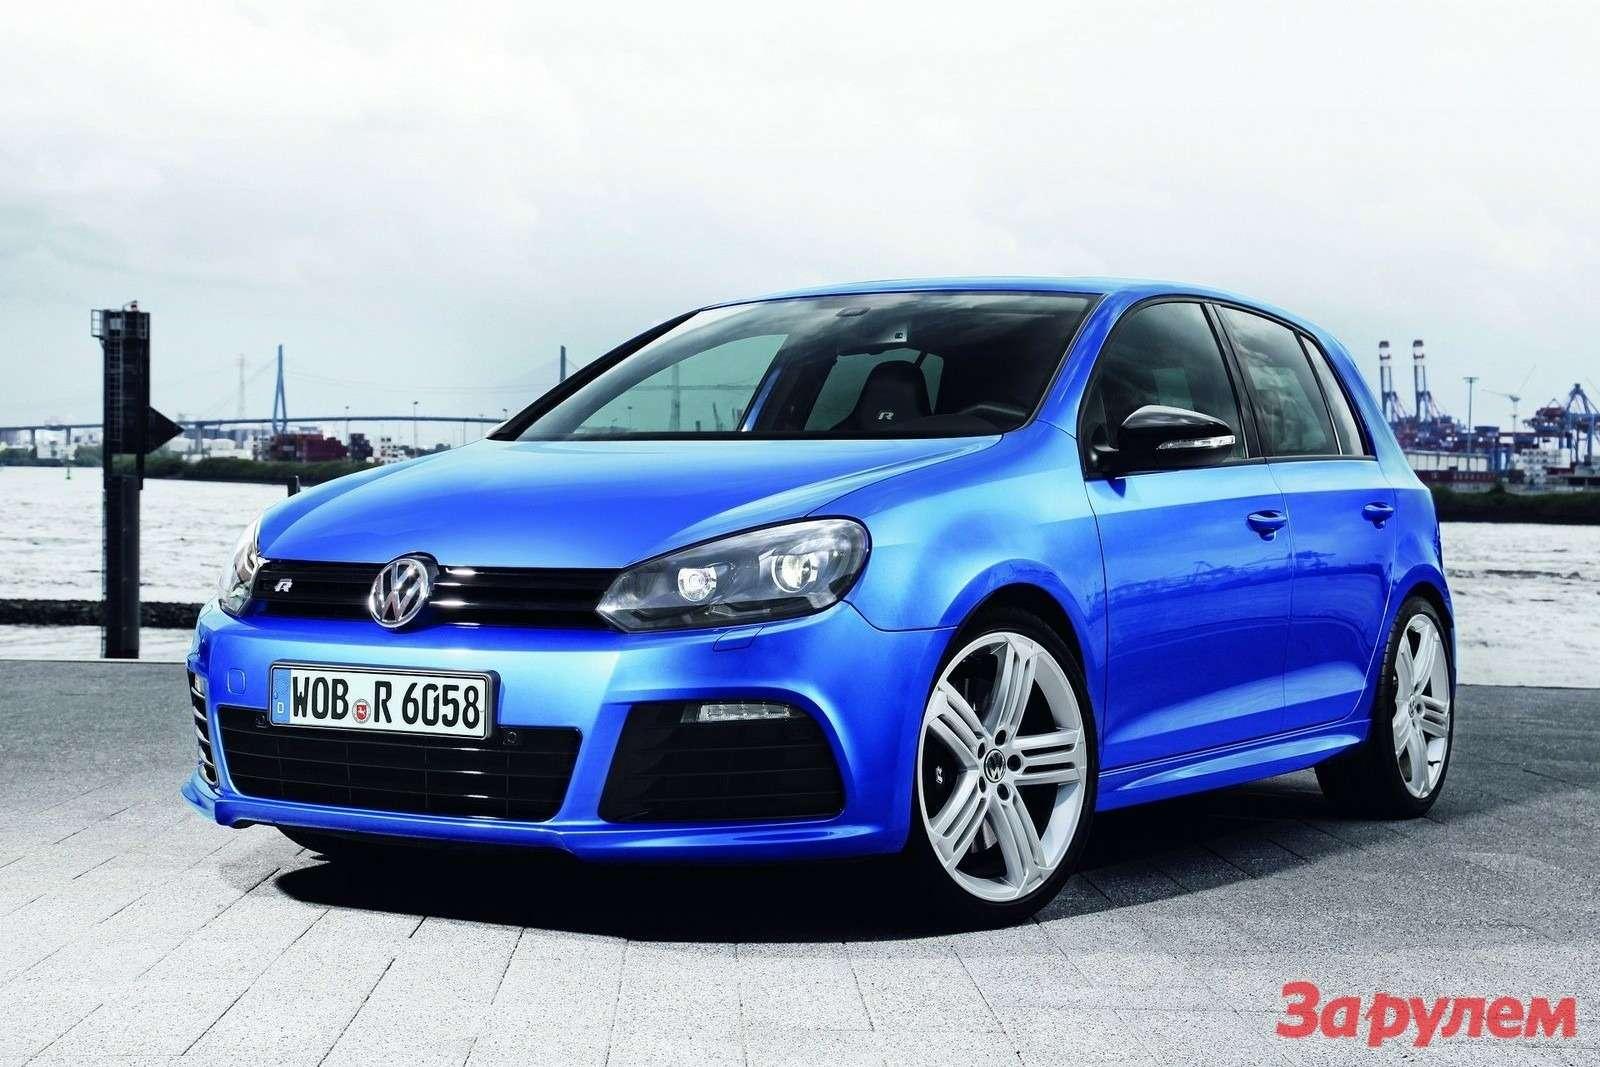 Volkswagen Golf Rside-front view